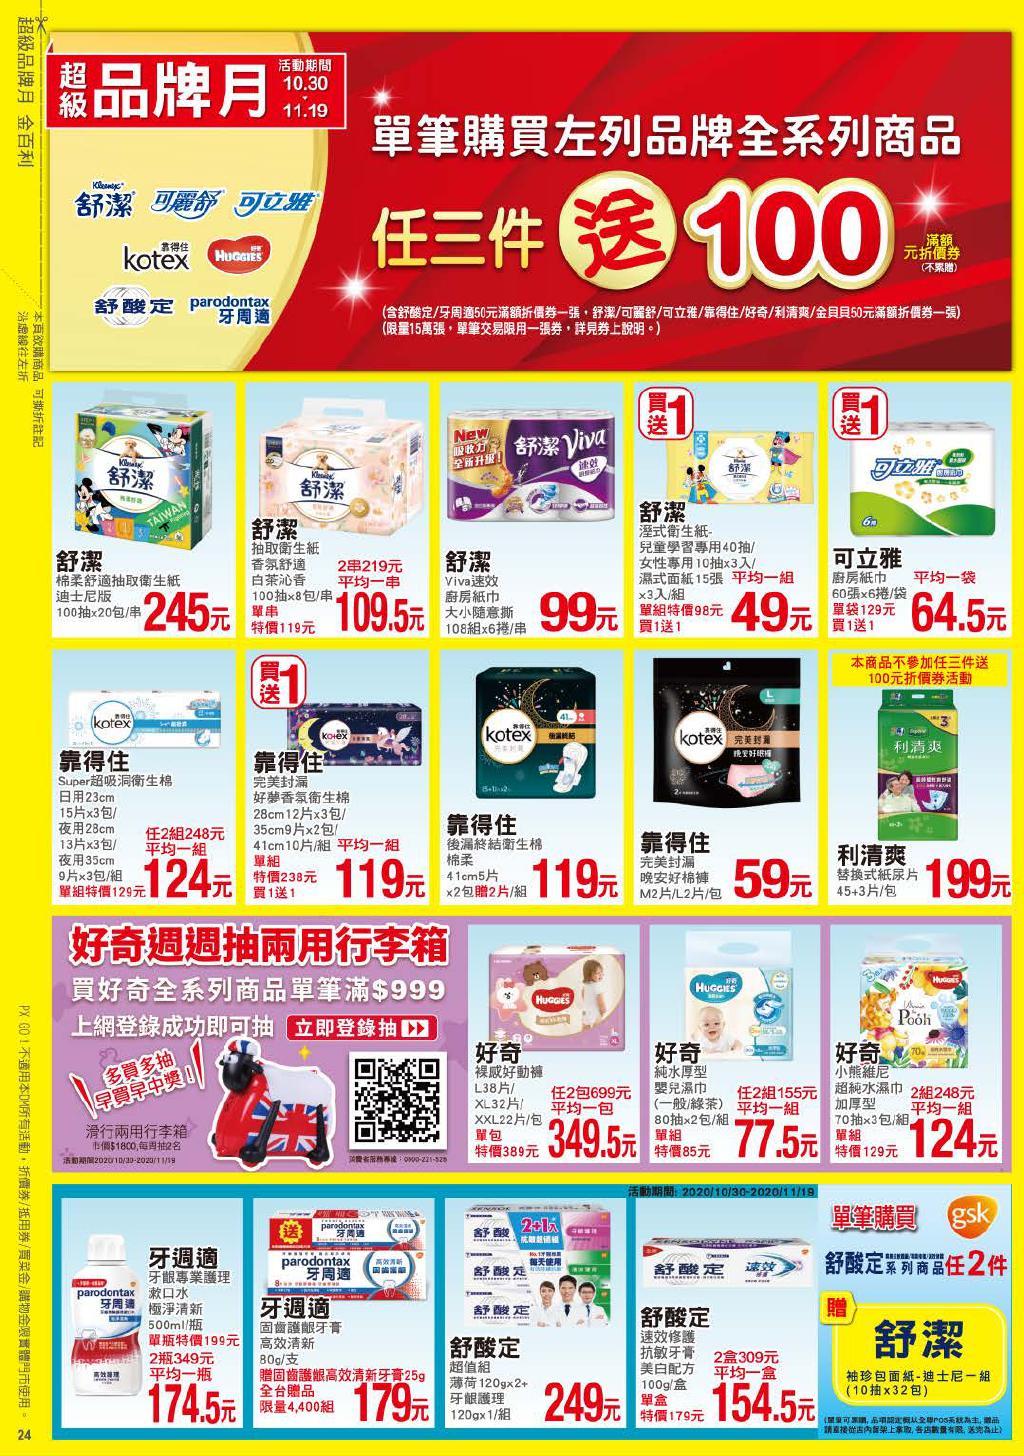 pxmart20201119_000024.jpg